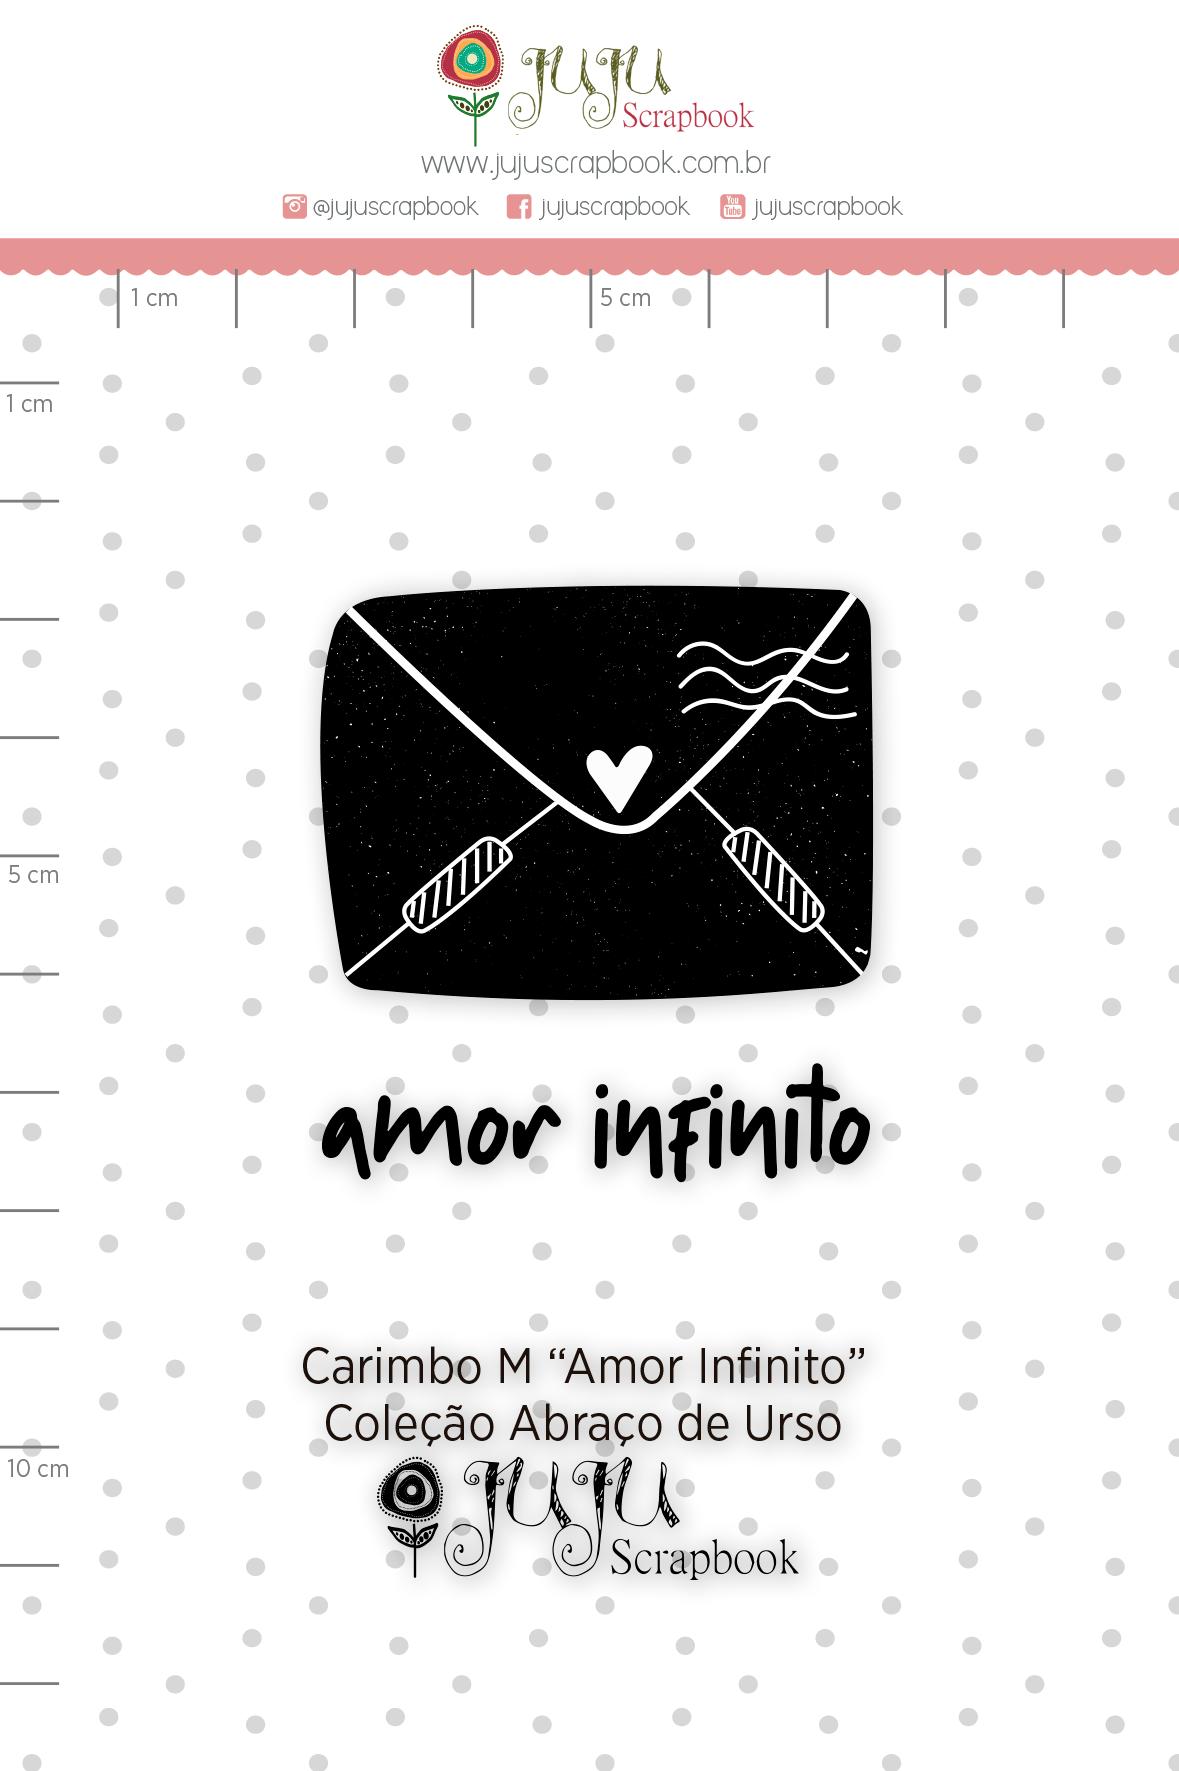 Carimbo M Amor Infinito - Coleção Abraço de Urso - JuJu Scrapbook  - JuJu Scrapbook